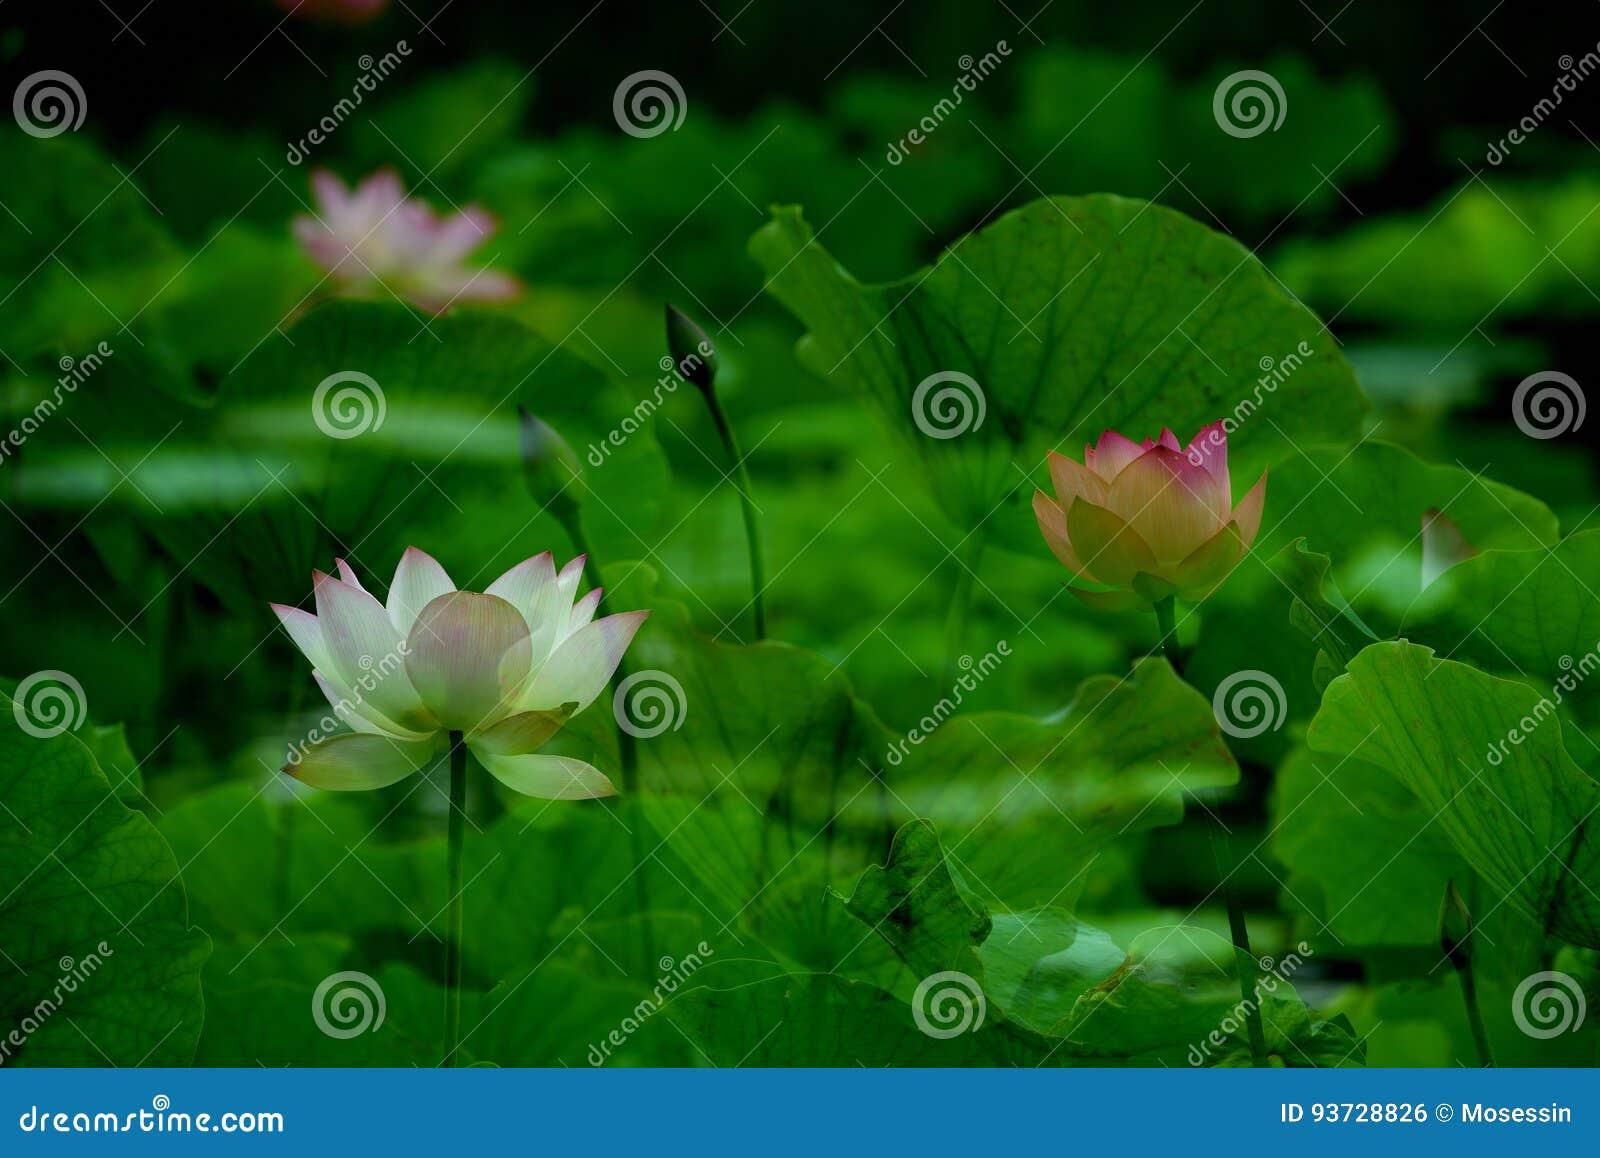 Lotus in vijver